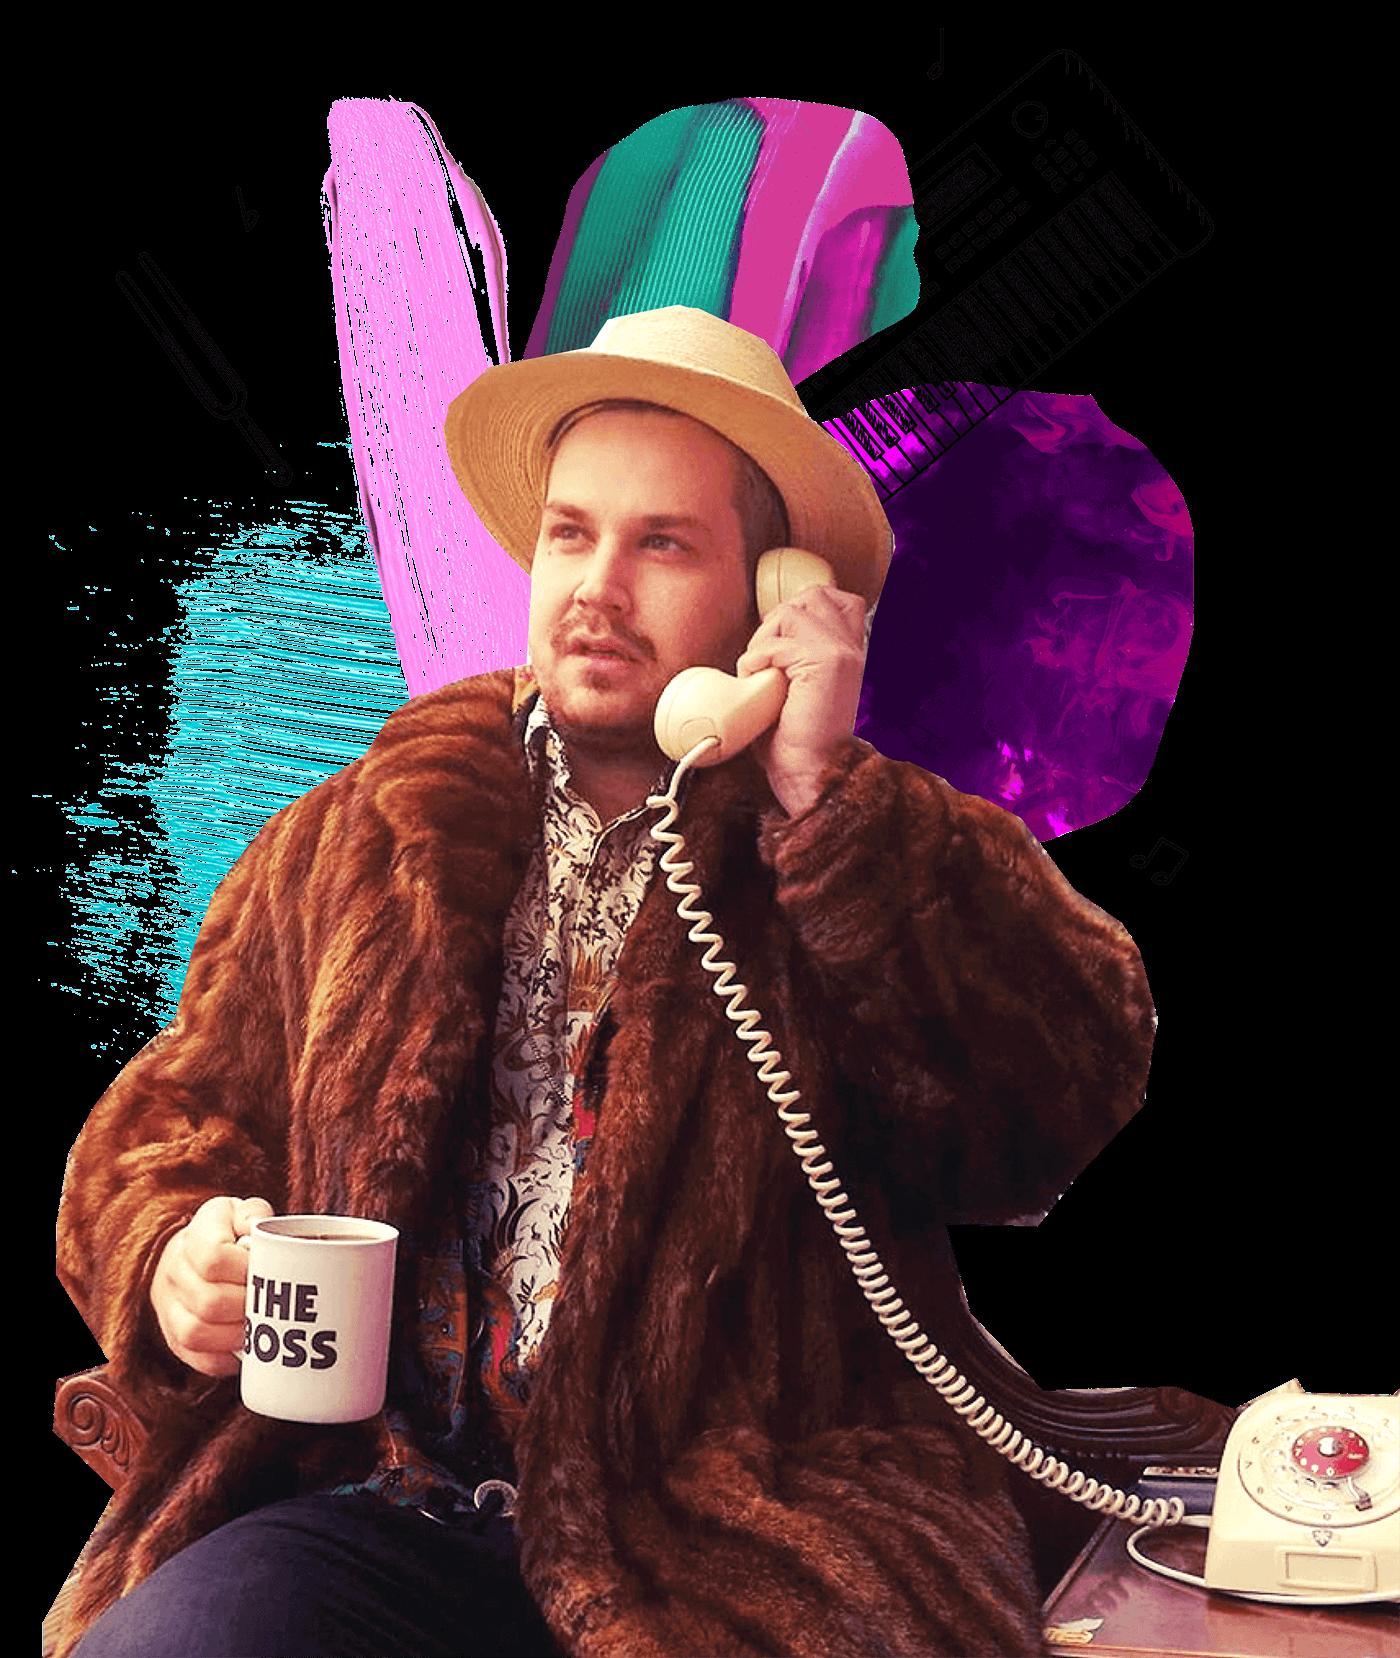 Valtteri Väänänen - Toimitusjohtaja Valtteri tunnetaan taiteellisista visioistaan ja hedonistisesta elämäntyylistään.Valtterin käsissä bändi kuin bändi soundaa ja PA jytisee. Valtterin sävellyksiä voit kuulla mm.Nokian ja Vallilan mainoksissa.Valtterilla on kahdeksan vuoden kokemus livemiksaamisesta ympäri maailman, muun muassa French Filmsin, Teksti-TV 666:sen ja Iisan matkassa.Kun haluat toteuttaa live- tai studioprojektisi osaavissa ja varmoissa käsissä, ota puhelu Valtterille.